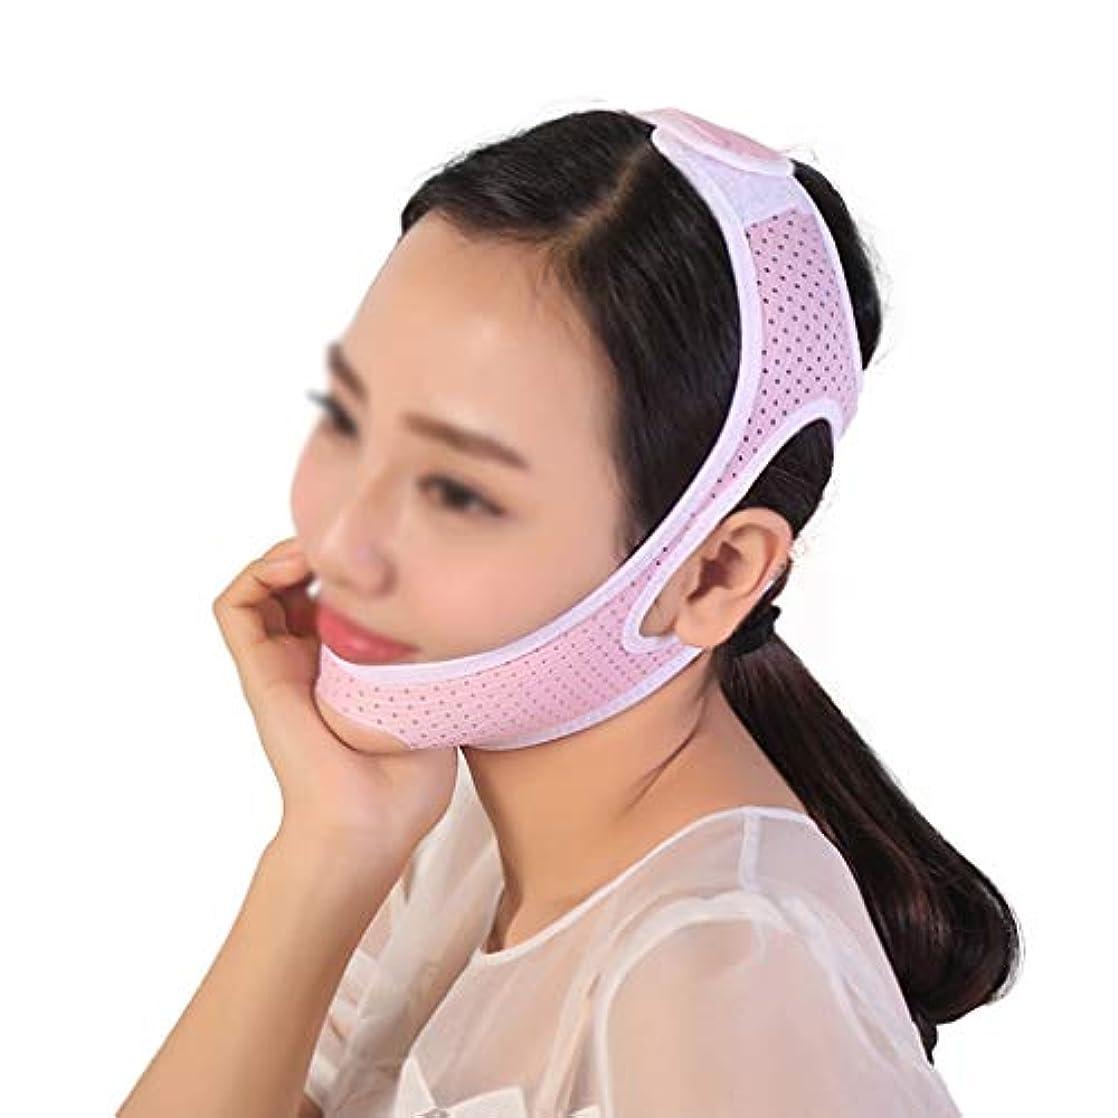 尊敬する虚栄心男らしいXHLMRMJ フェイスリフトマスク、顔の皮膚の首のあごのラインを向上させます、リフトフェイス、シンチークマスク、シンチンチークシンV(ピンク) (Size : L)